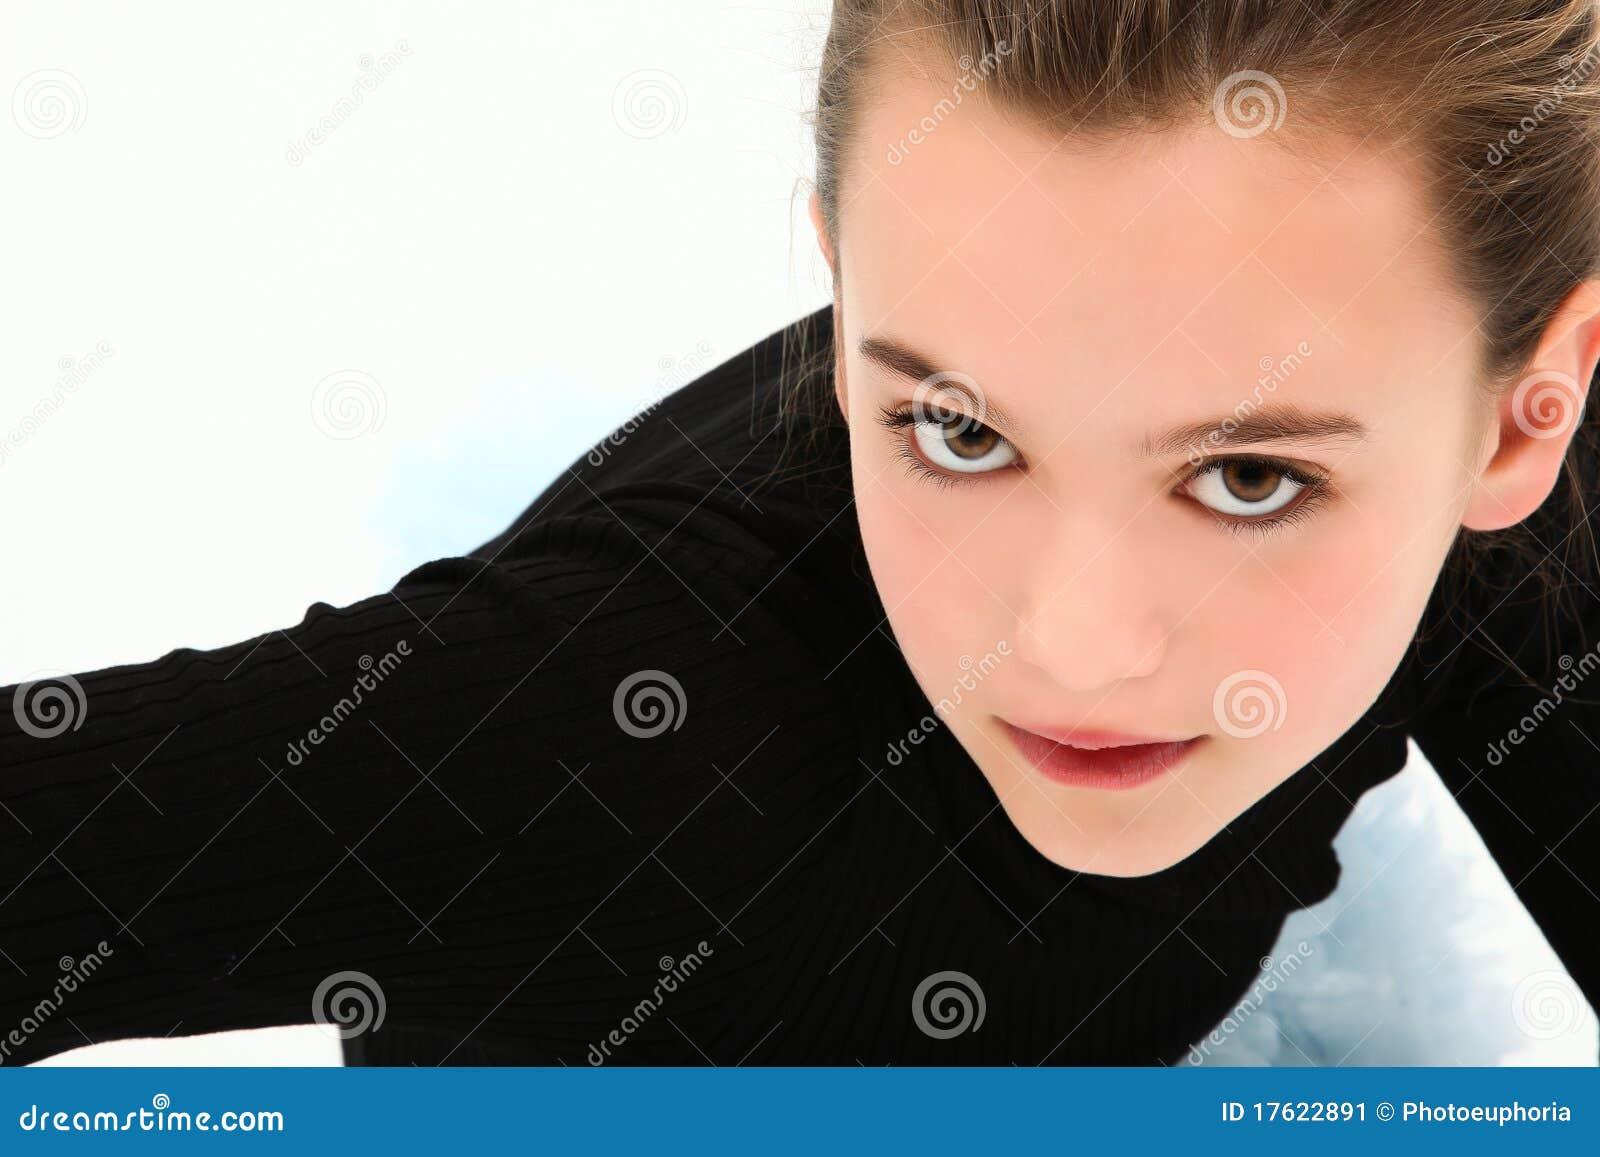 Dramatisch Tween Headshot Meisje